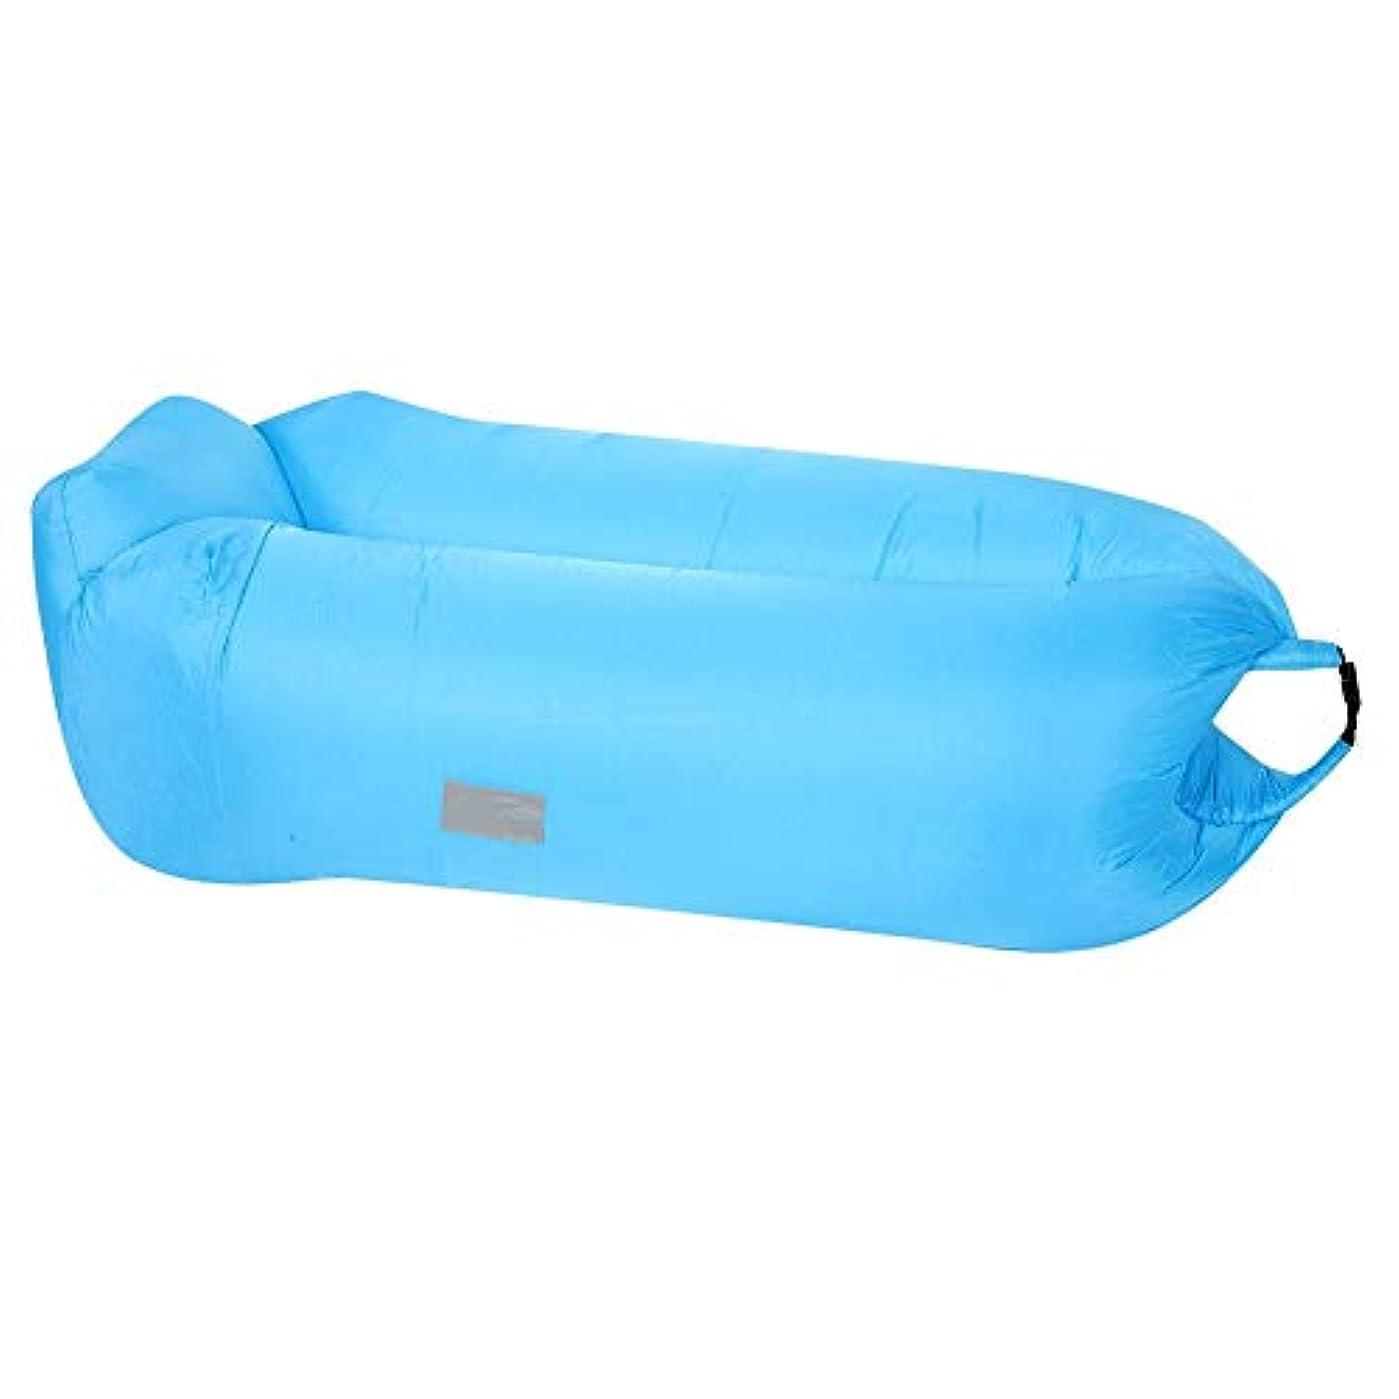 起こりやすい章薄める寝袋 インフレータブル寝袋 エアベッド テントパッド 膨脹可能 超軽量 コンパクト 折り畳み式 屋外 キャンプ